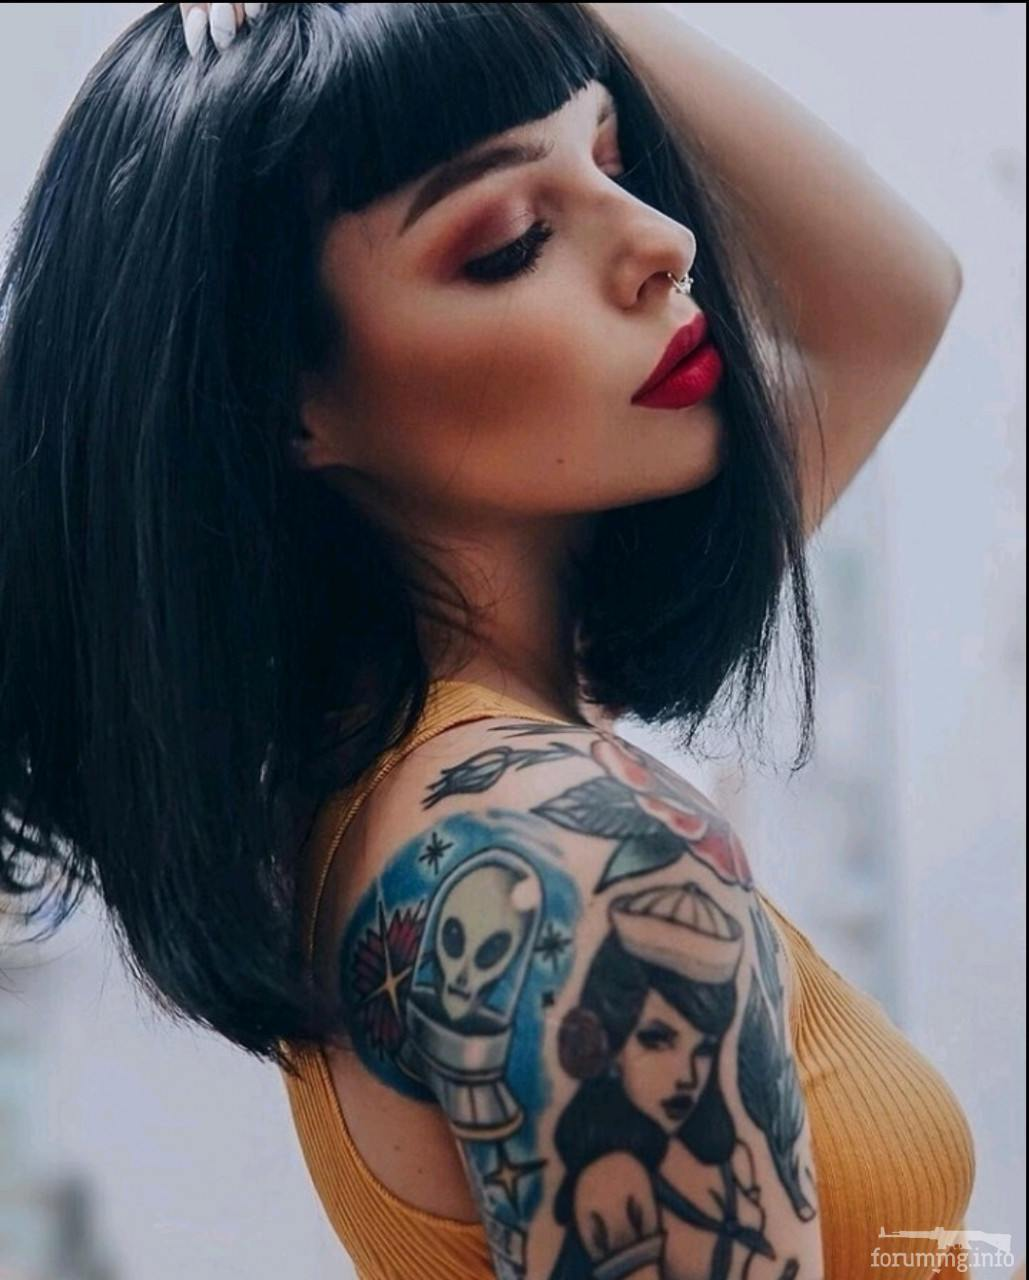 137310 - Татуировки